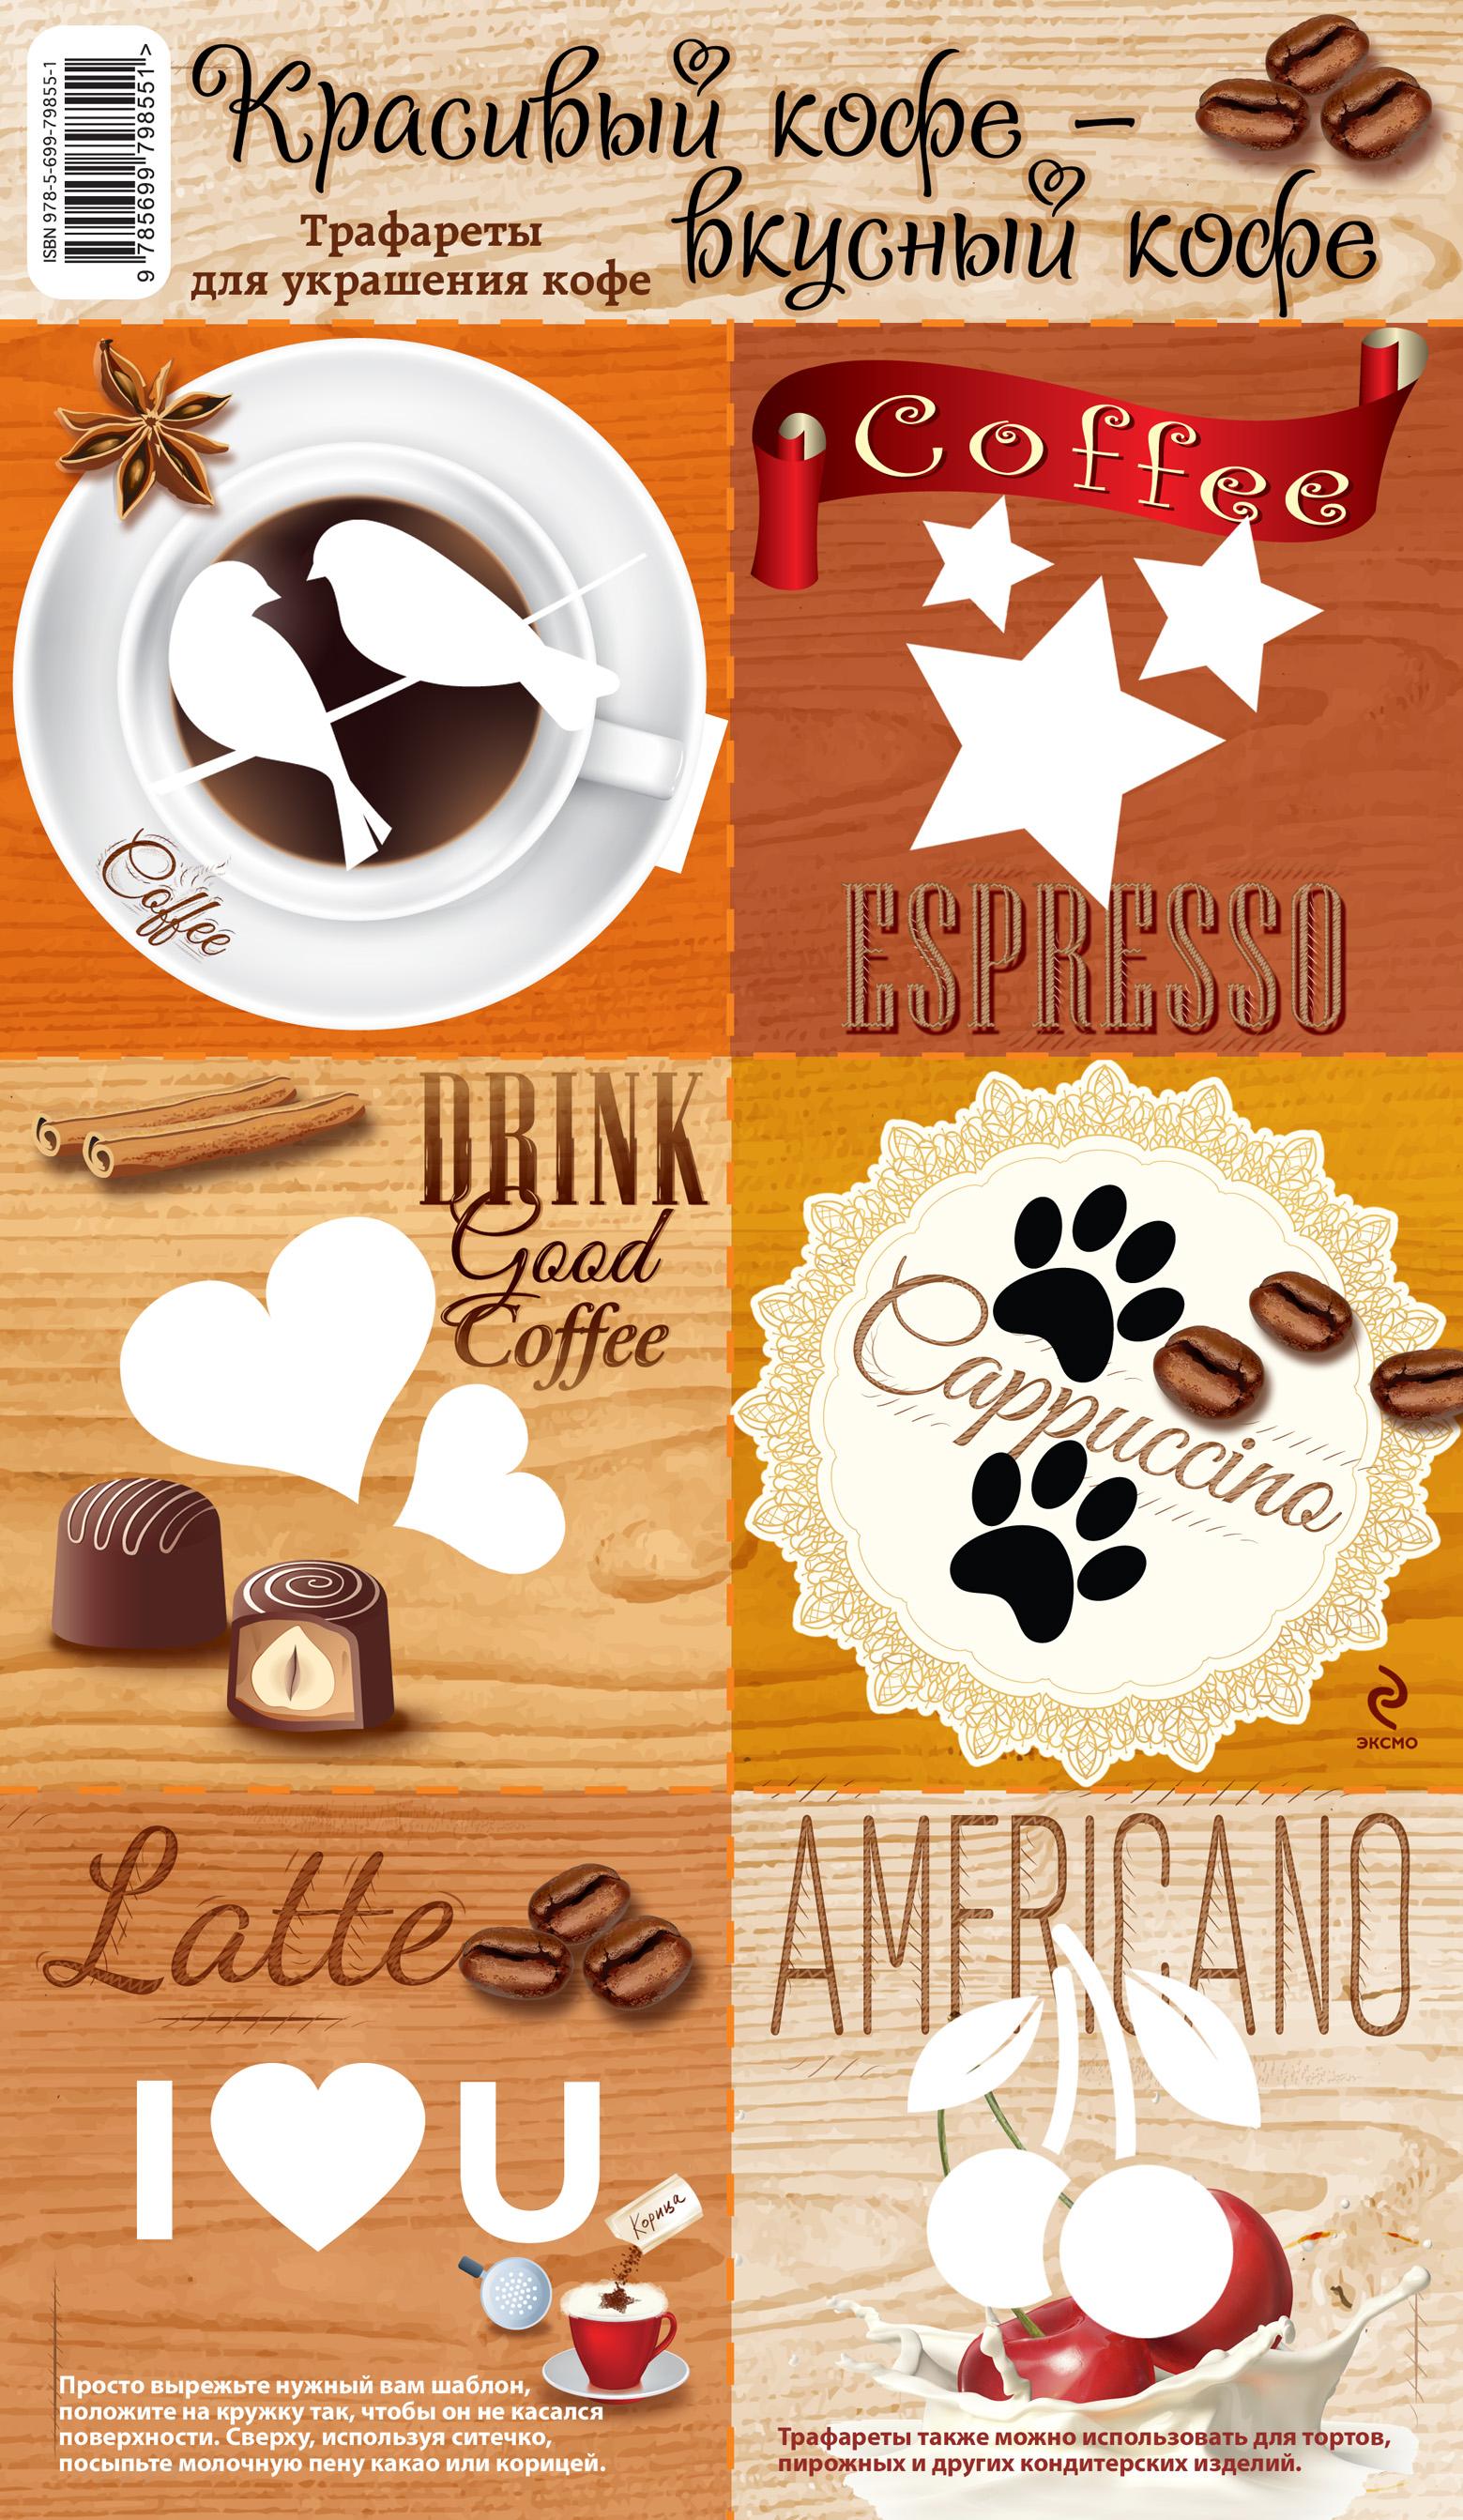 Красивый кофе - вкусный кофе. Трафареты для украшения кофе от book24.ru